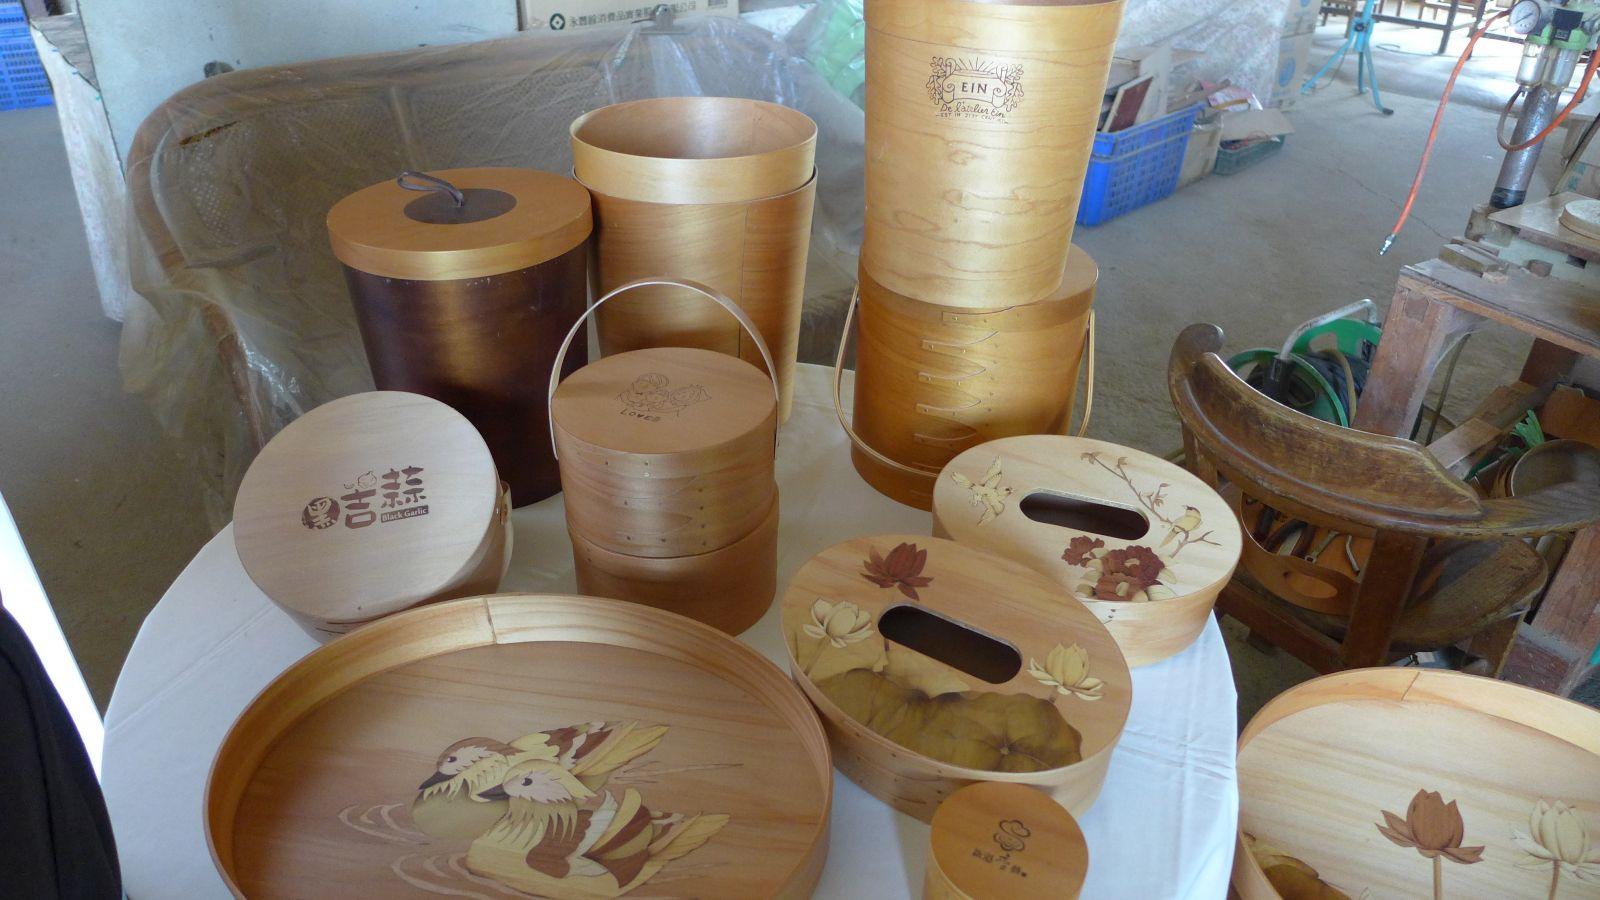 純手工木盒,原木風味的獨家設計、手工揉捻的傳統溫度。